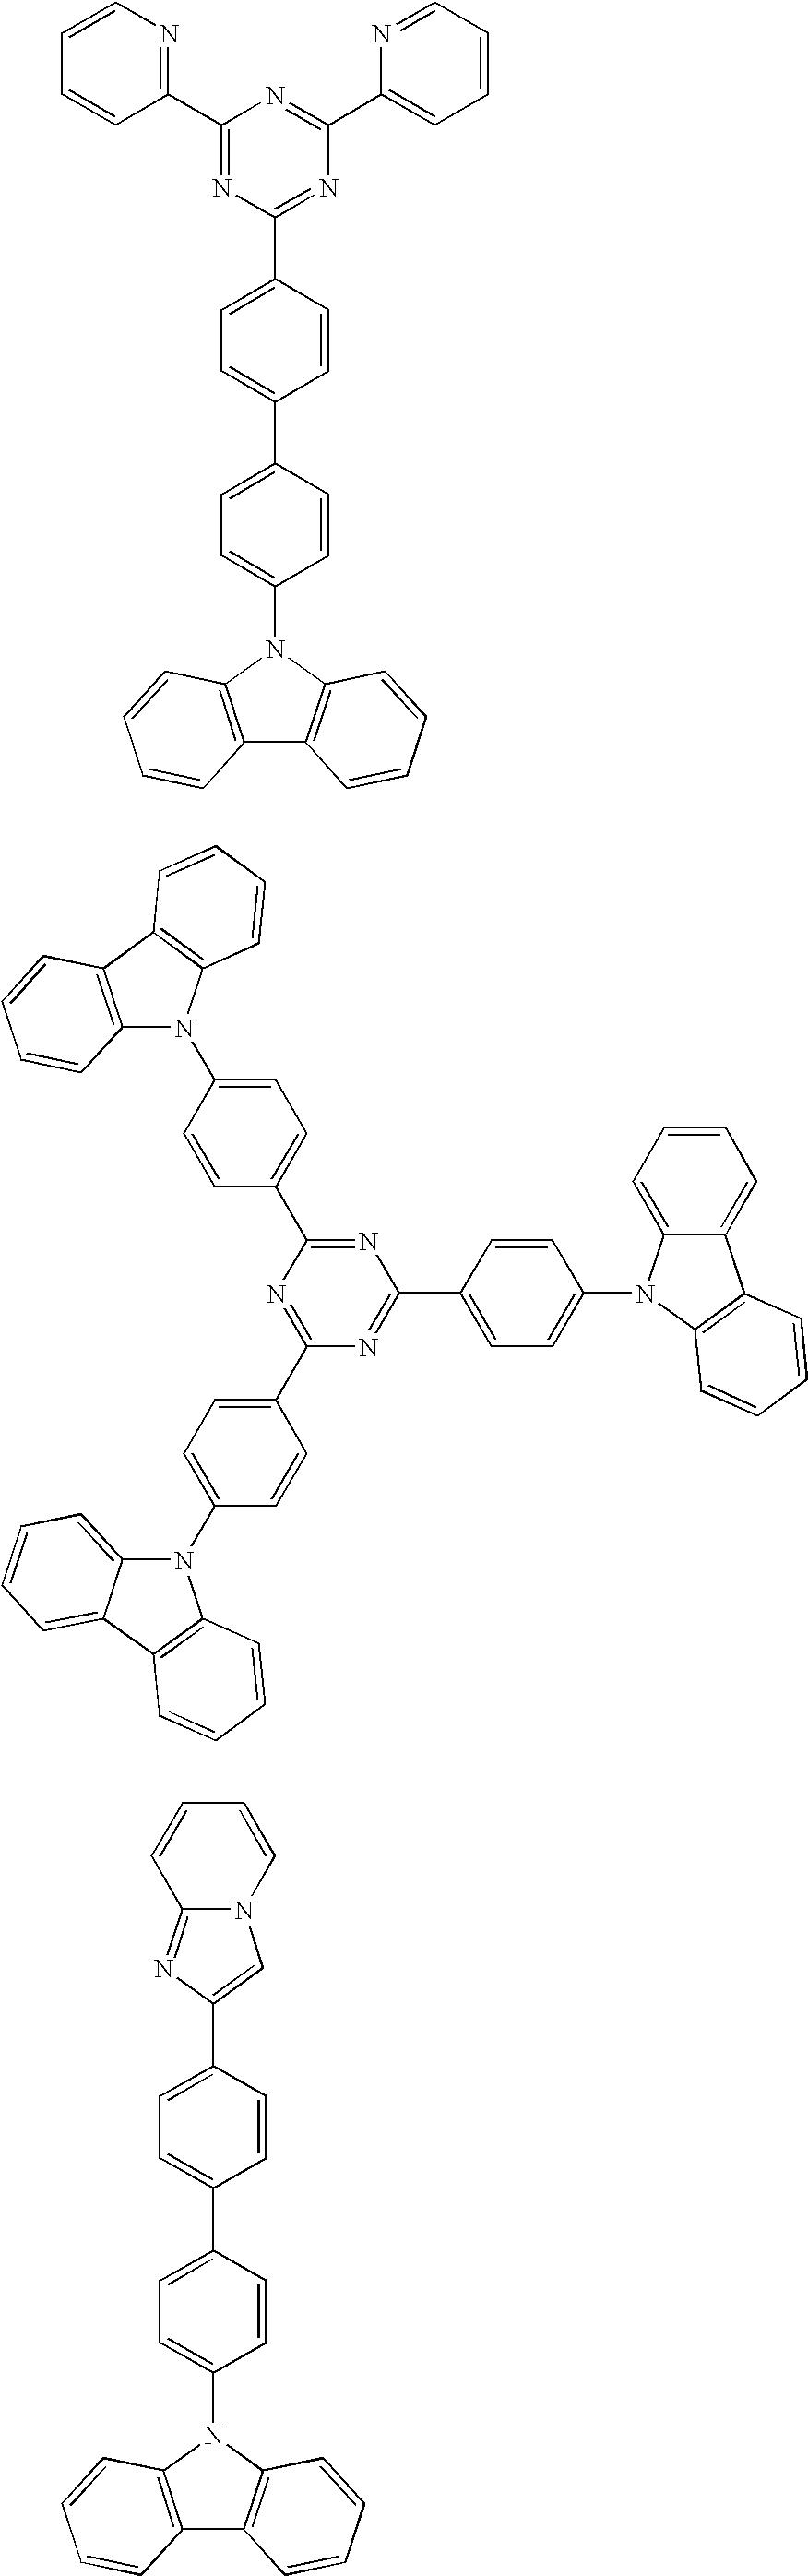 Figure US07608993-20091027-C00015